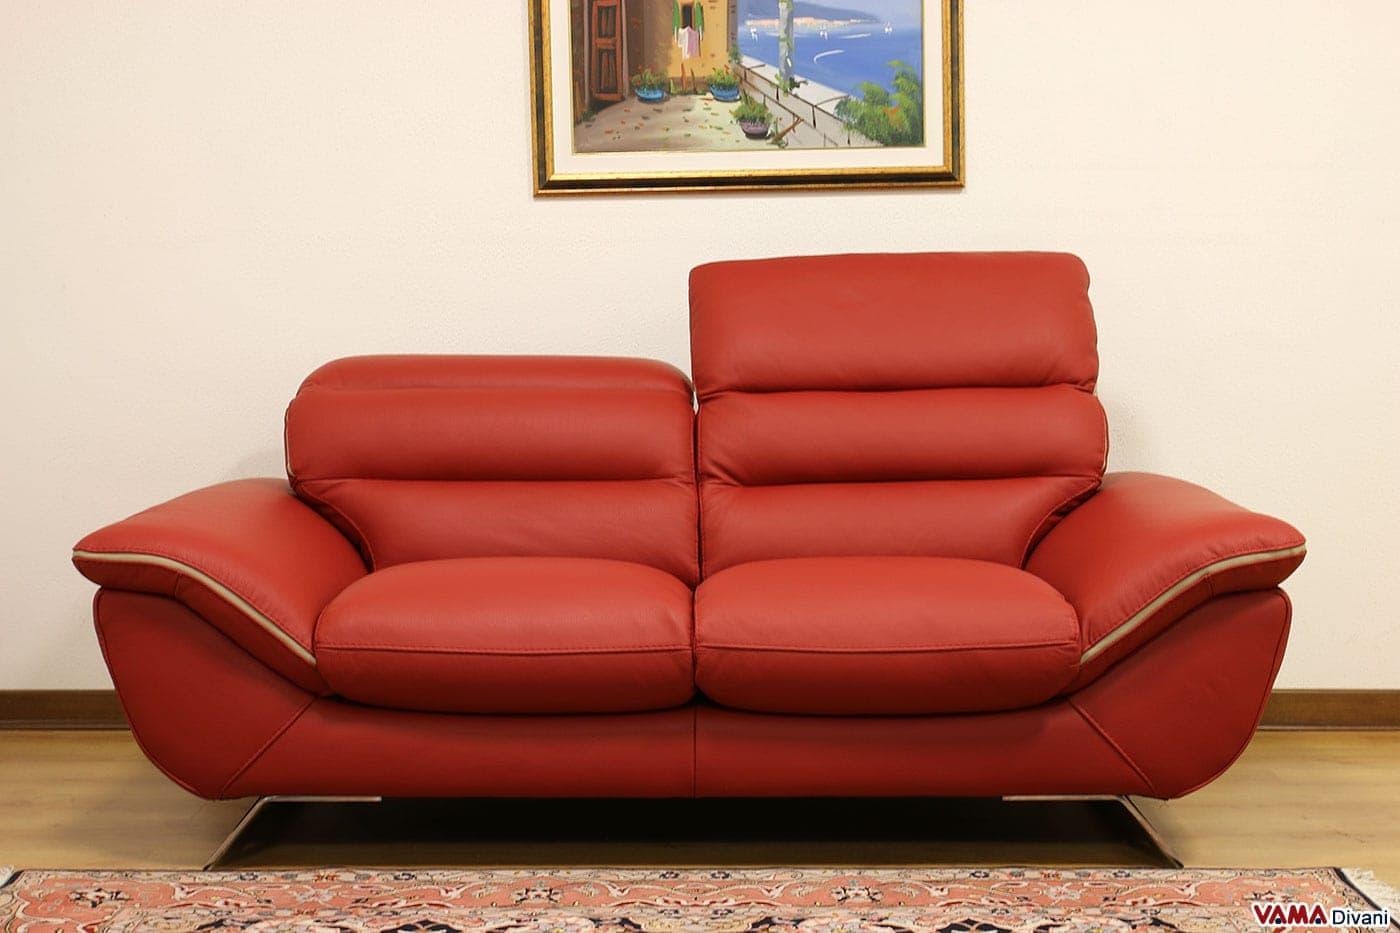 Divano rosso in pelle idee per il design della casa - Ikea piedini divano ...